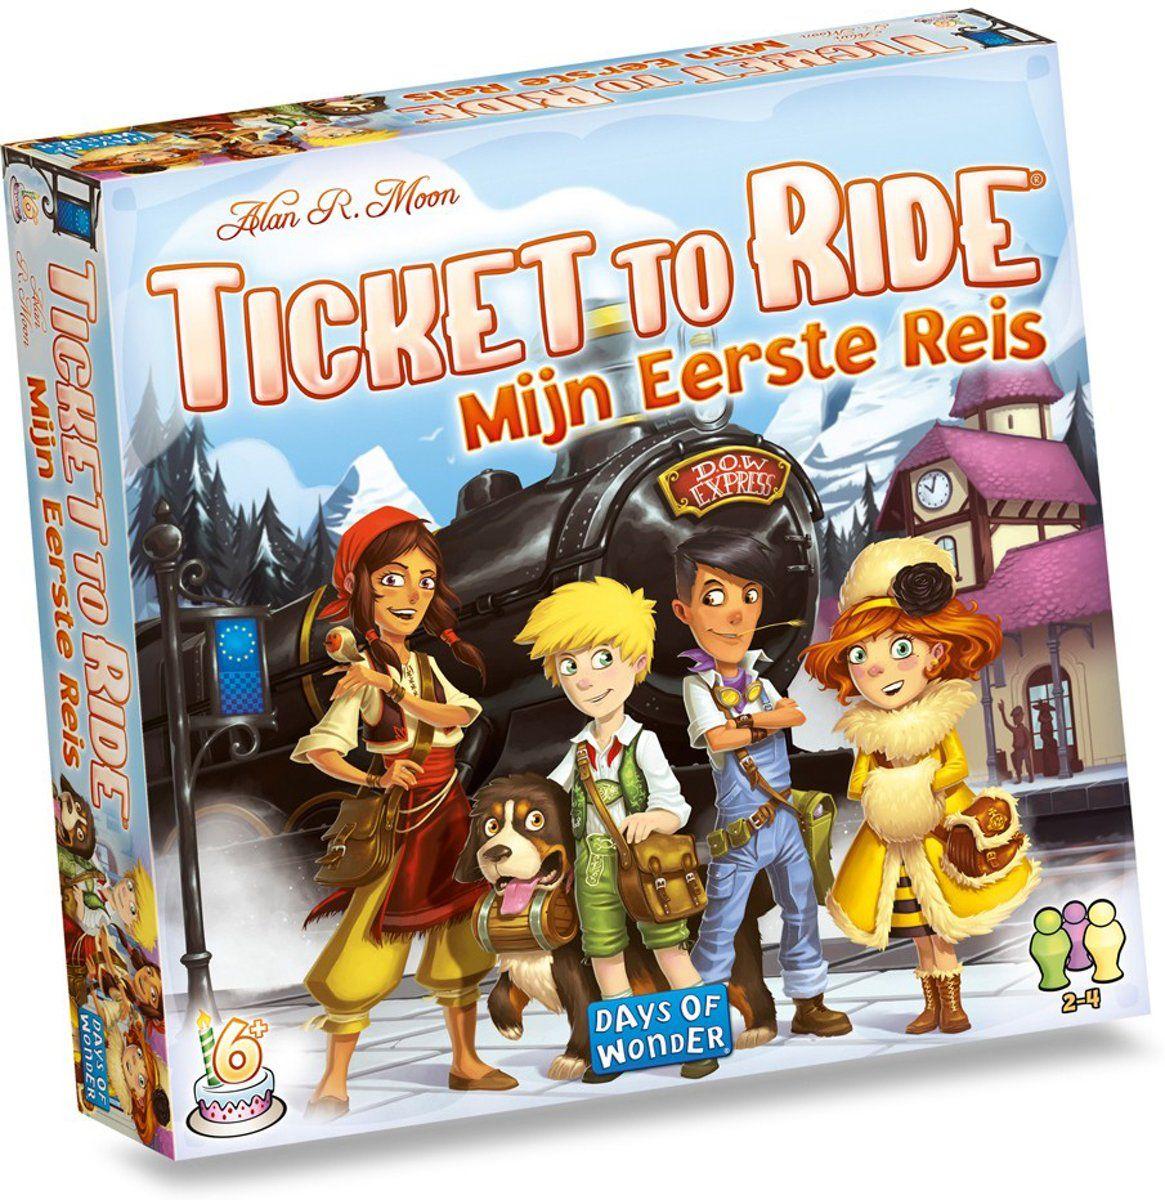 [Nu €17,39] Ticket to ride: Mijn eerste reis (ticket to ride junior) @bol.com